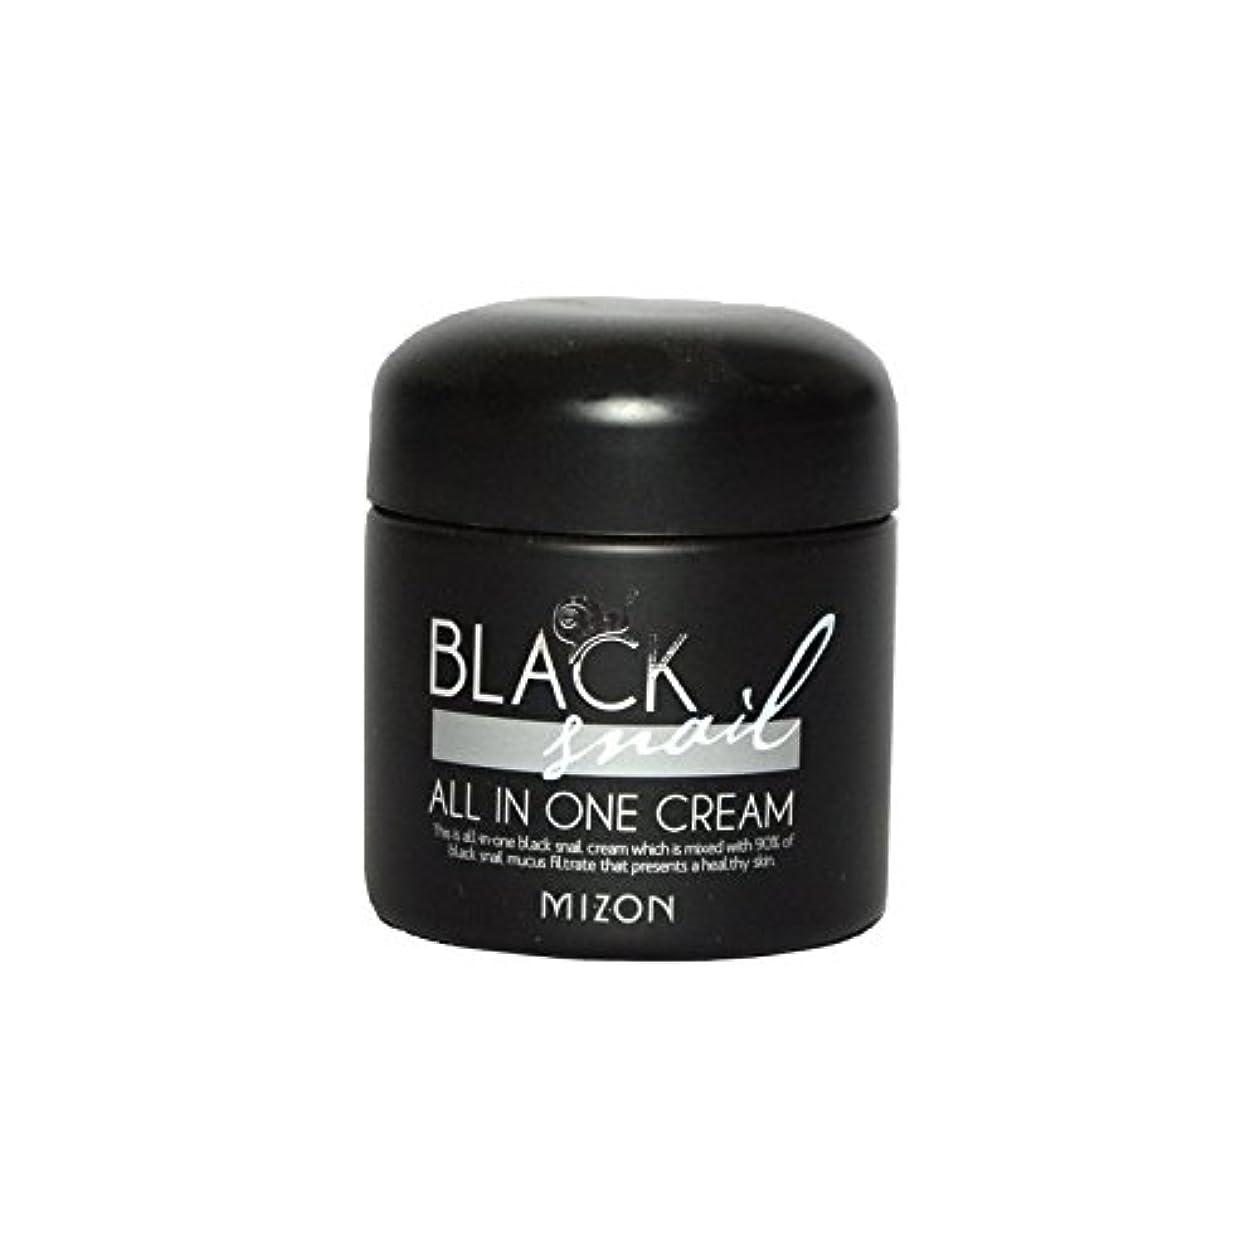 嘆くウェイトレス損なうMizon Black Snail All in One Cream - 黒カタツムリオールインワンクリーム [並行輸入品]